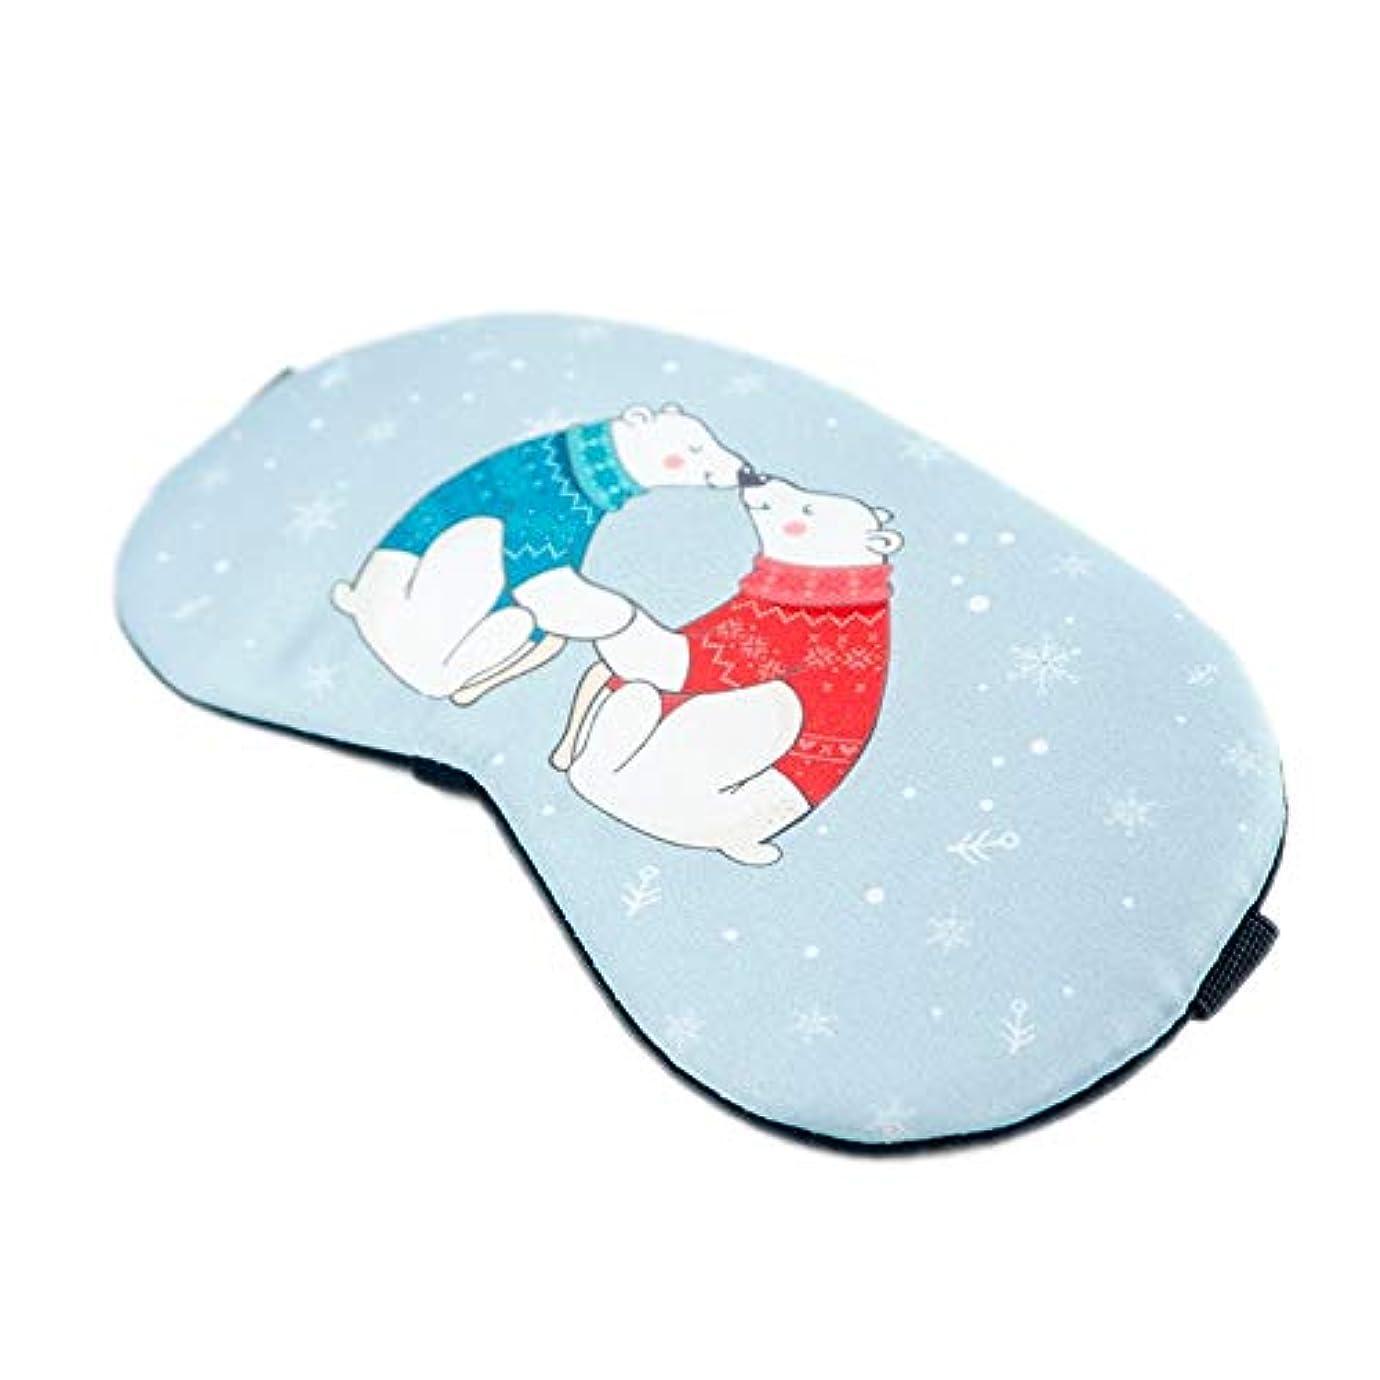 関税反響する摂氏度NOTE 1ピースマッサージリラックスアイ睡眠補助目隠しカバーアイシェードアイパッチかわいいペンギン/ベア/サル/タワー/フラミンゴスリーピングマスク